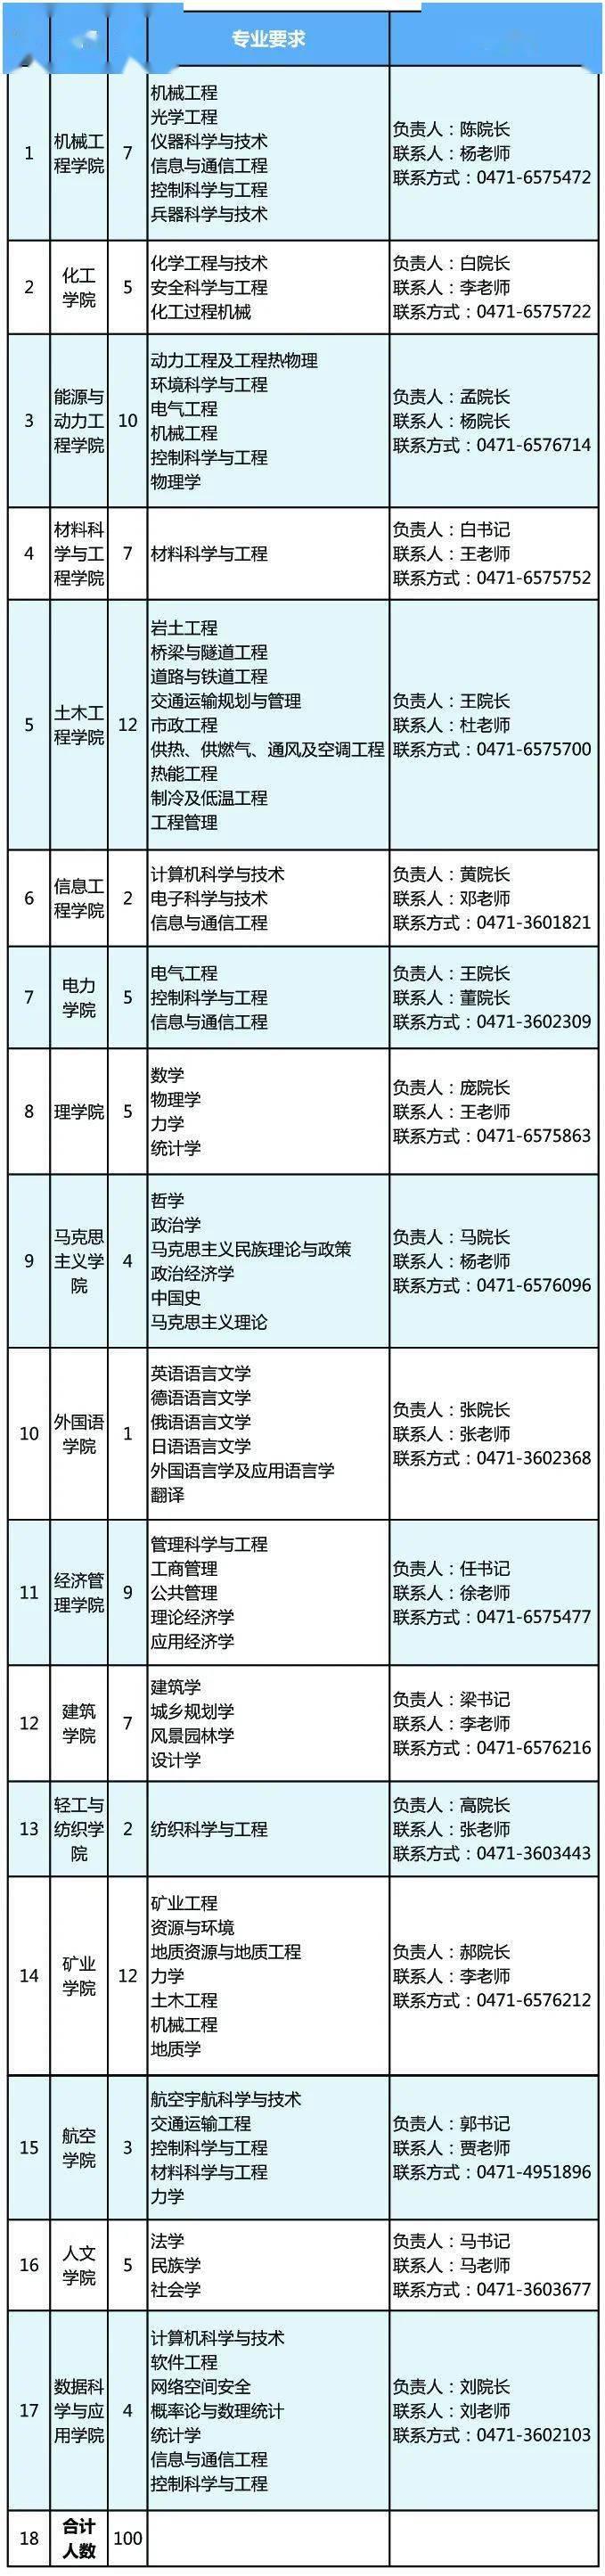 """内蒙古工业大学2020年""""视频云招聘"""",诚邀青年才俊报名参加!"""